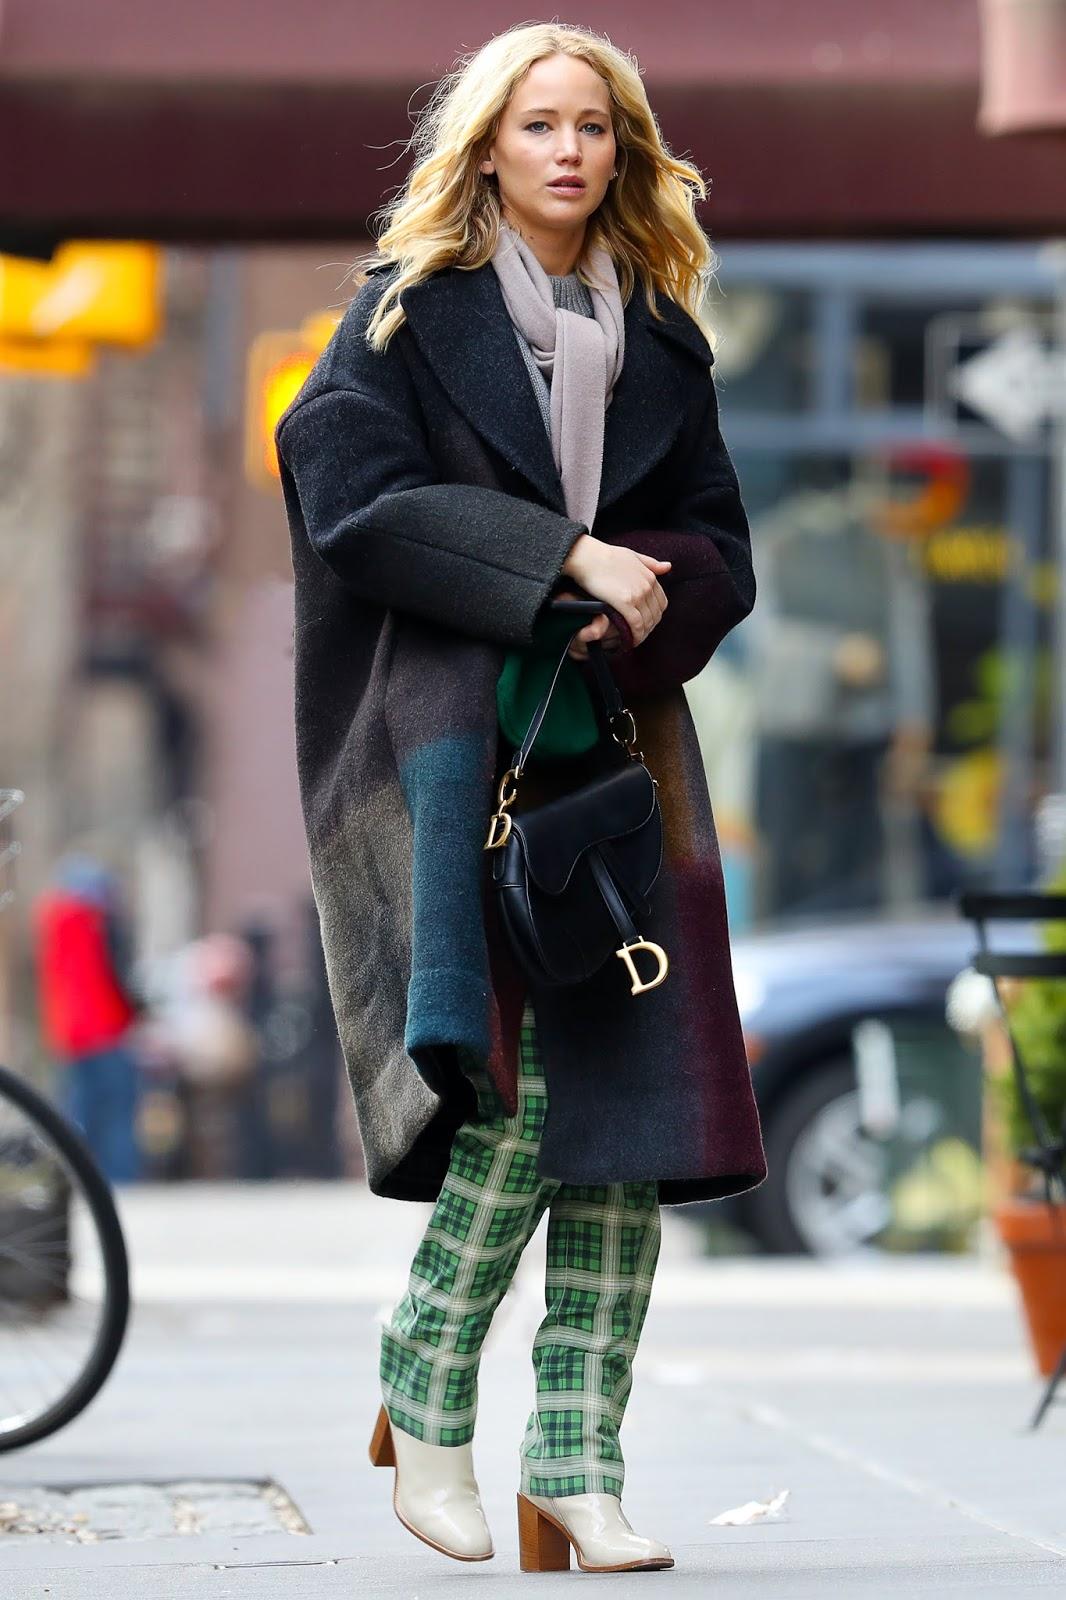 Jennifer Lawrence at Via Carota in NYC - 01/29/2019